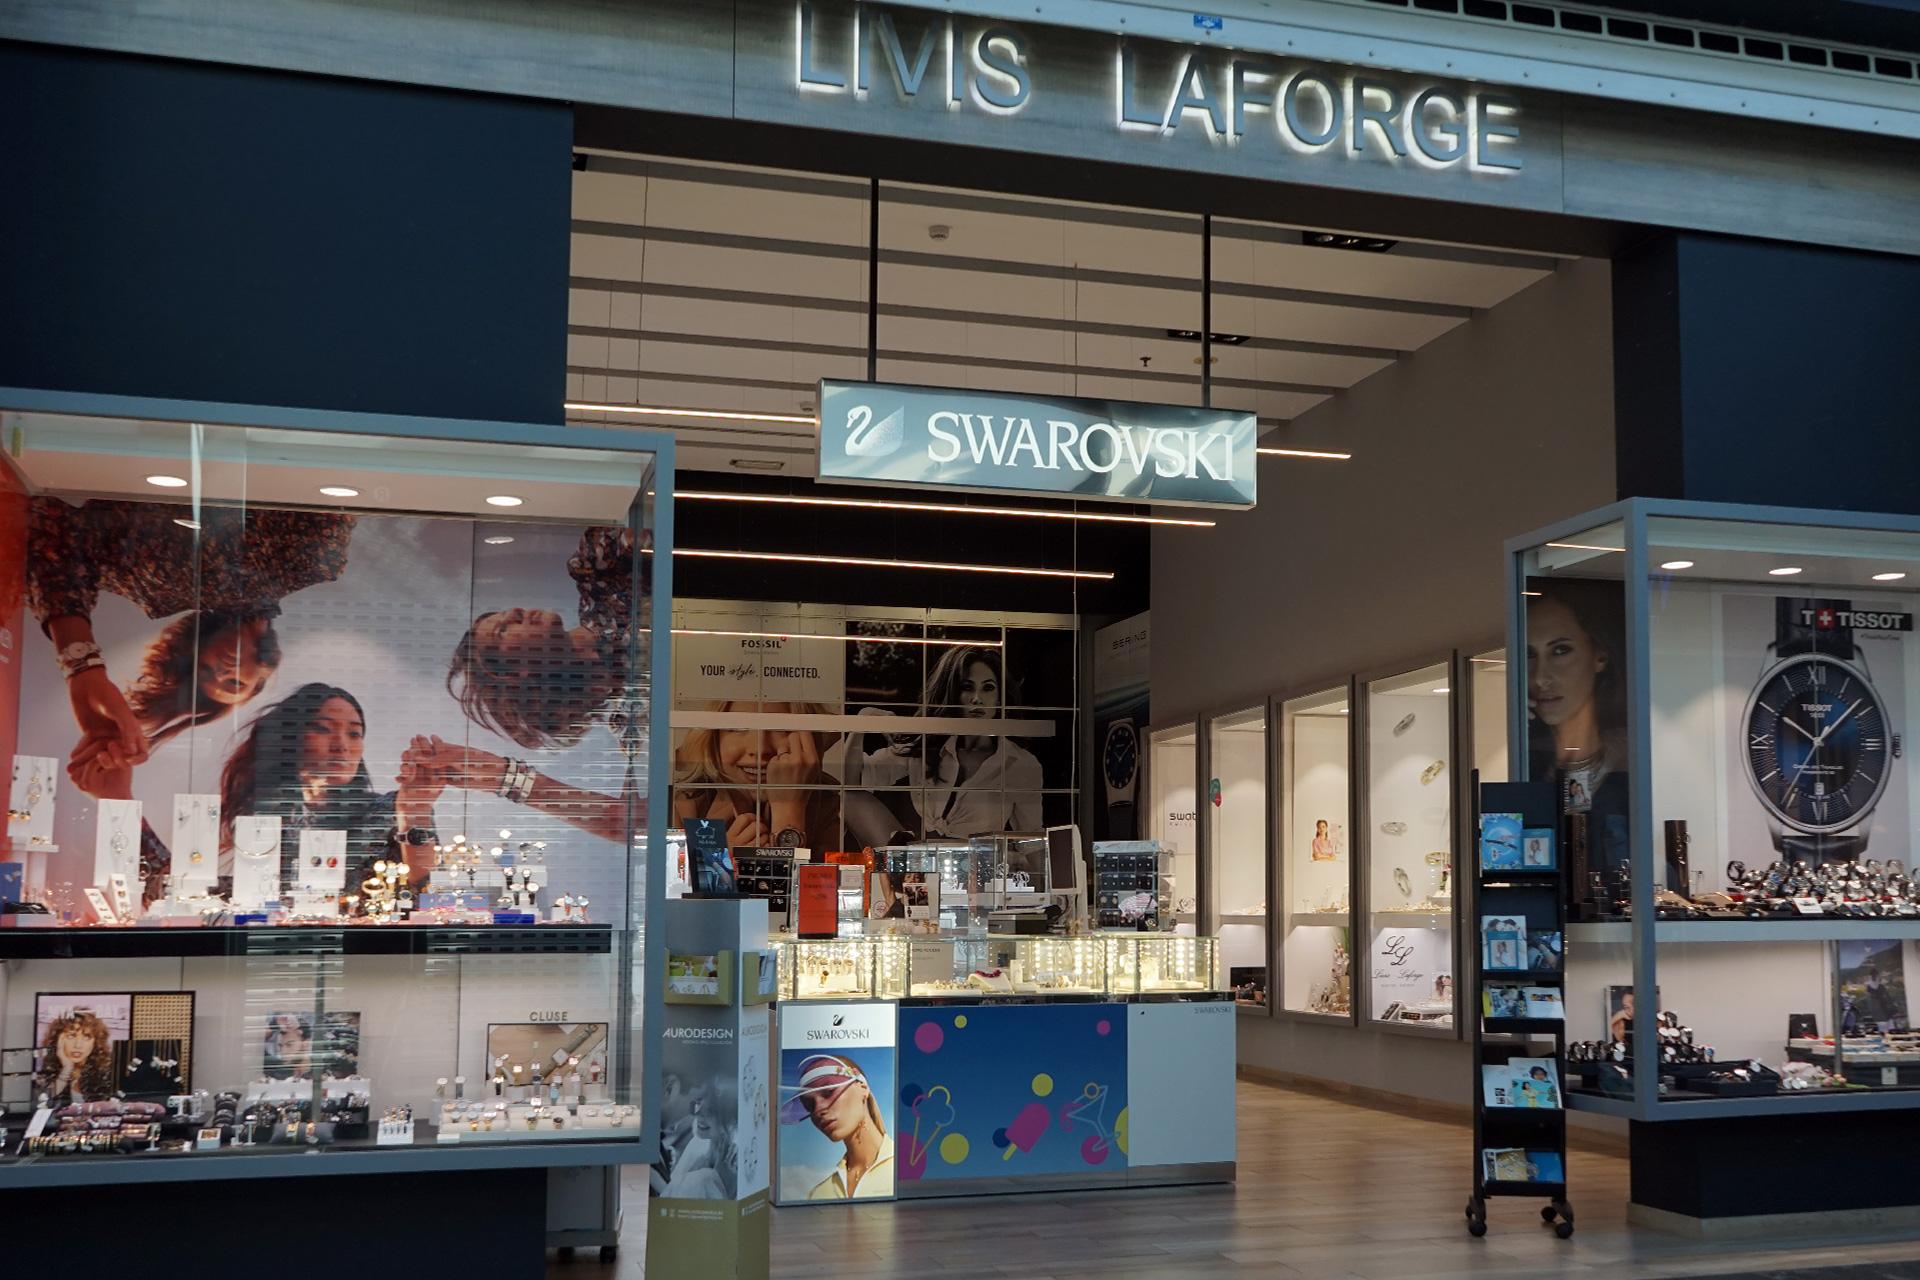 Bijouterie Livis-Laforge Les Grands Prés Mons